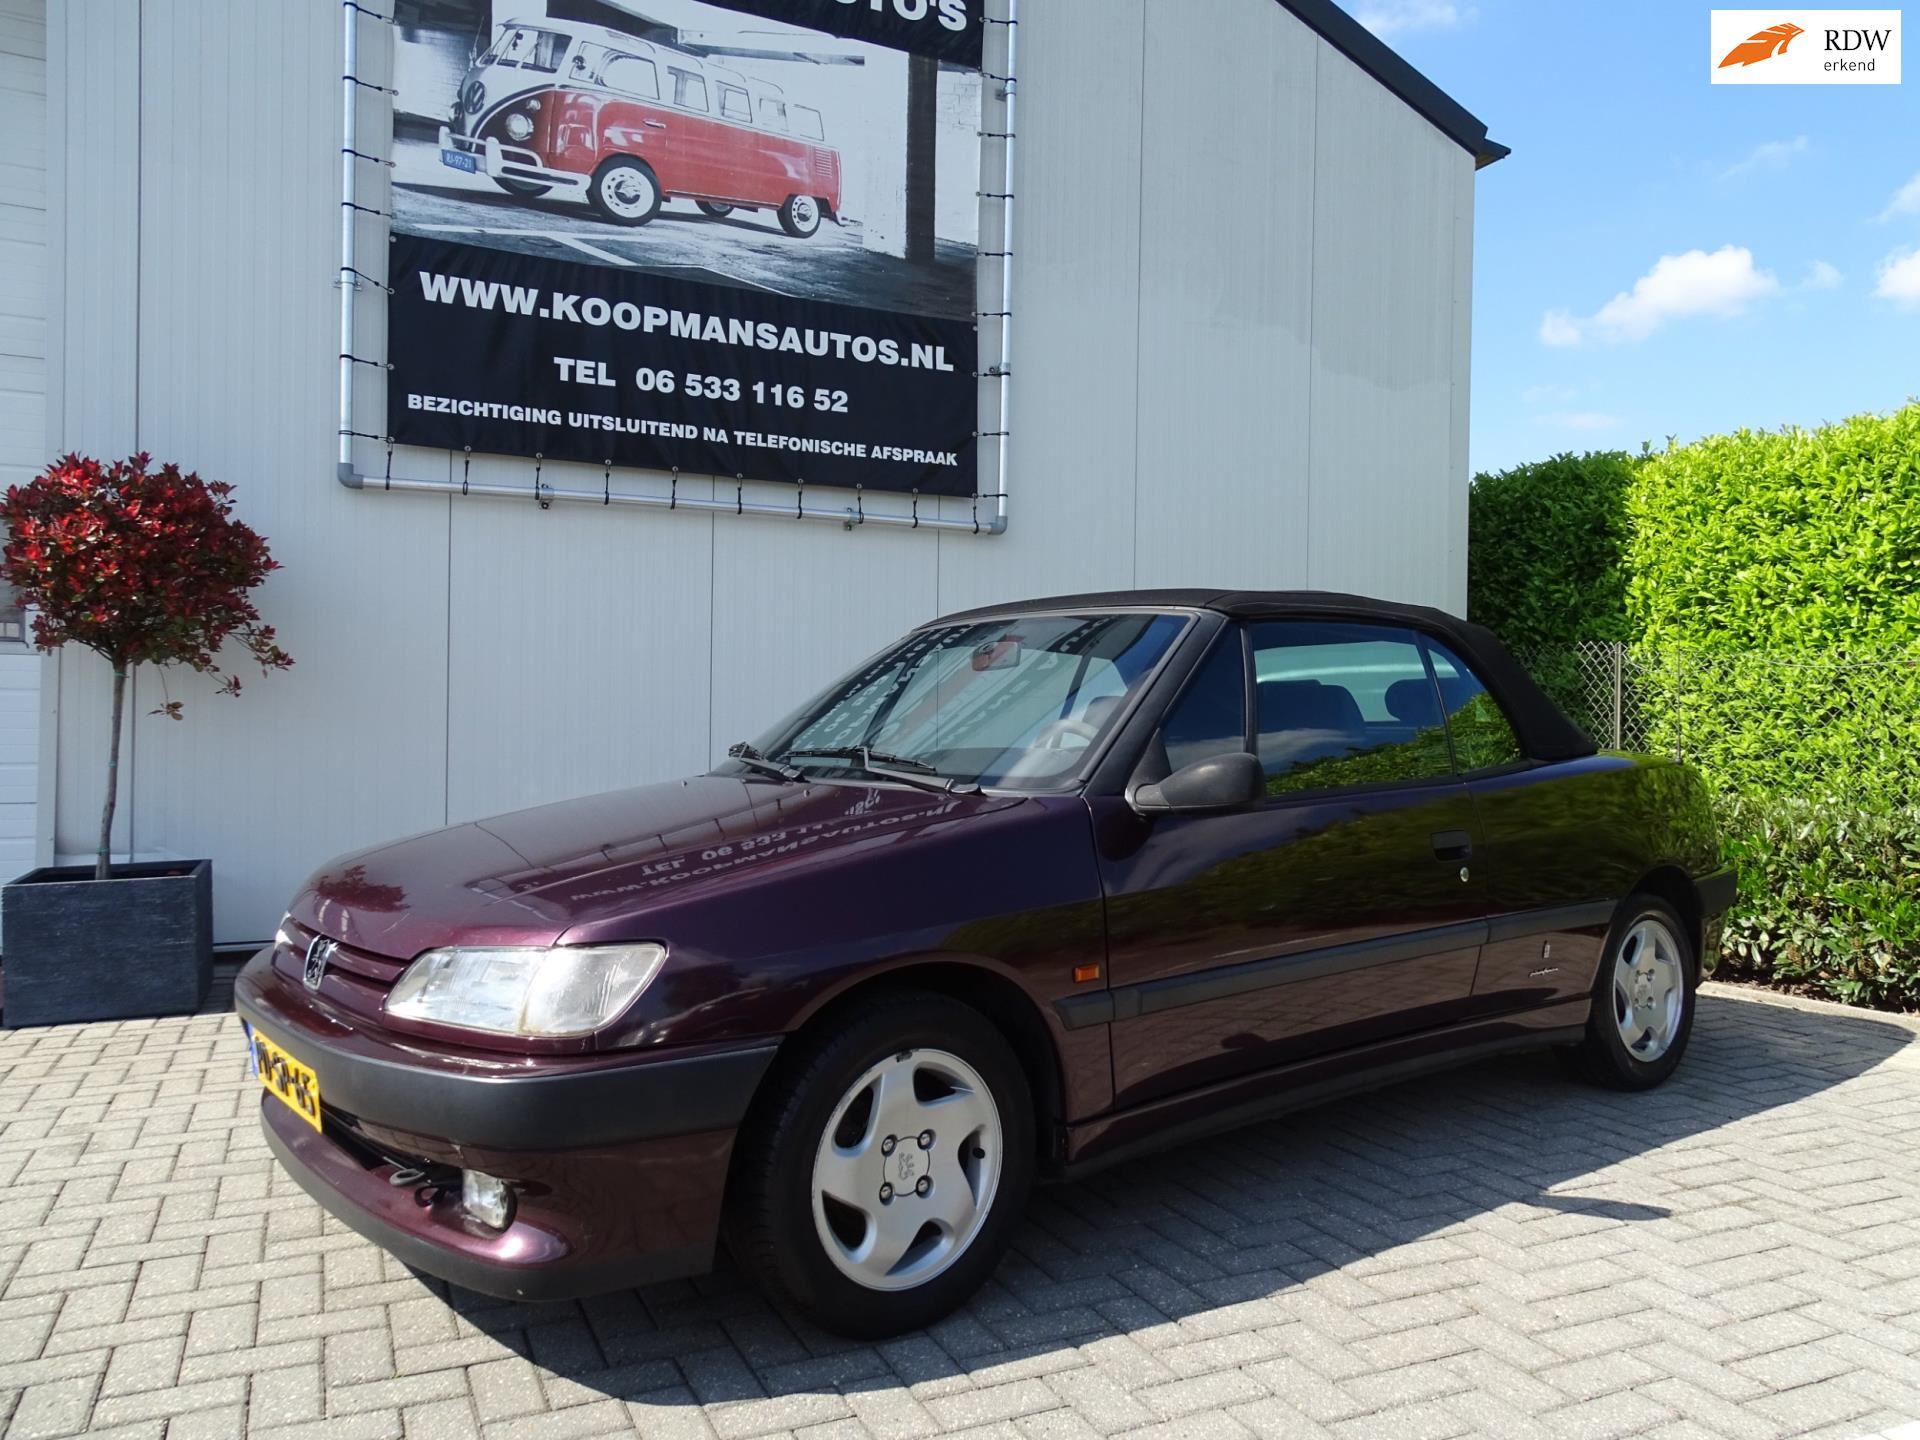 Peugeot 306 Cabriolet occasion - Koopmans Auto's